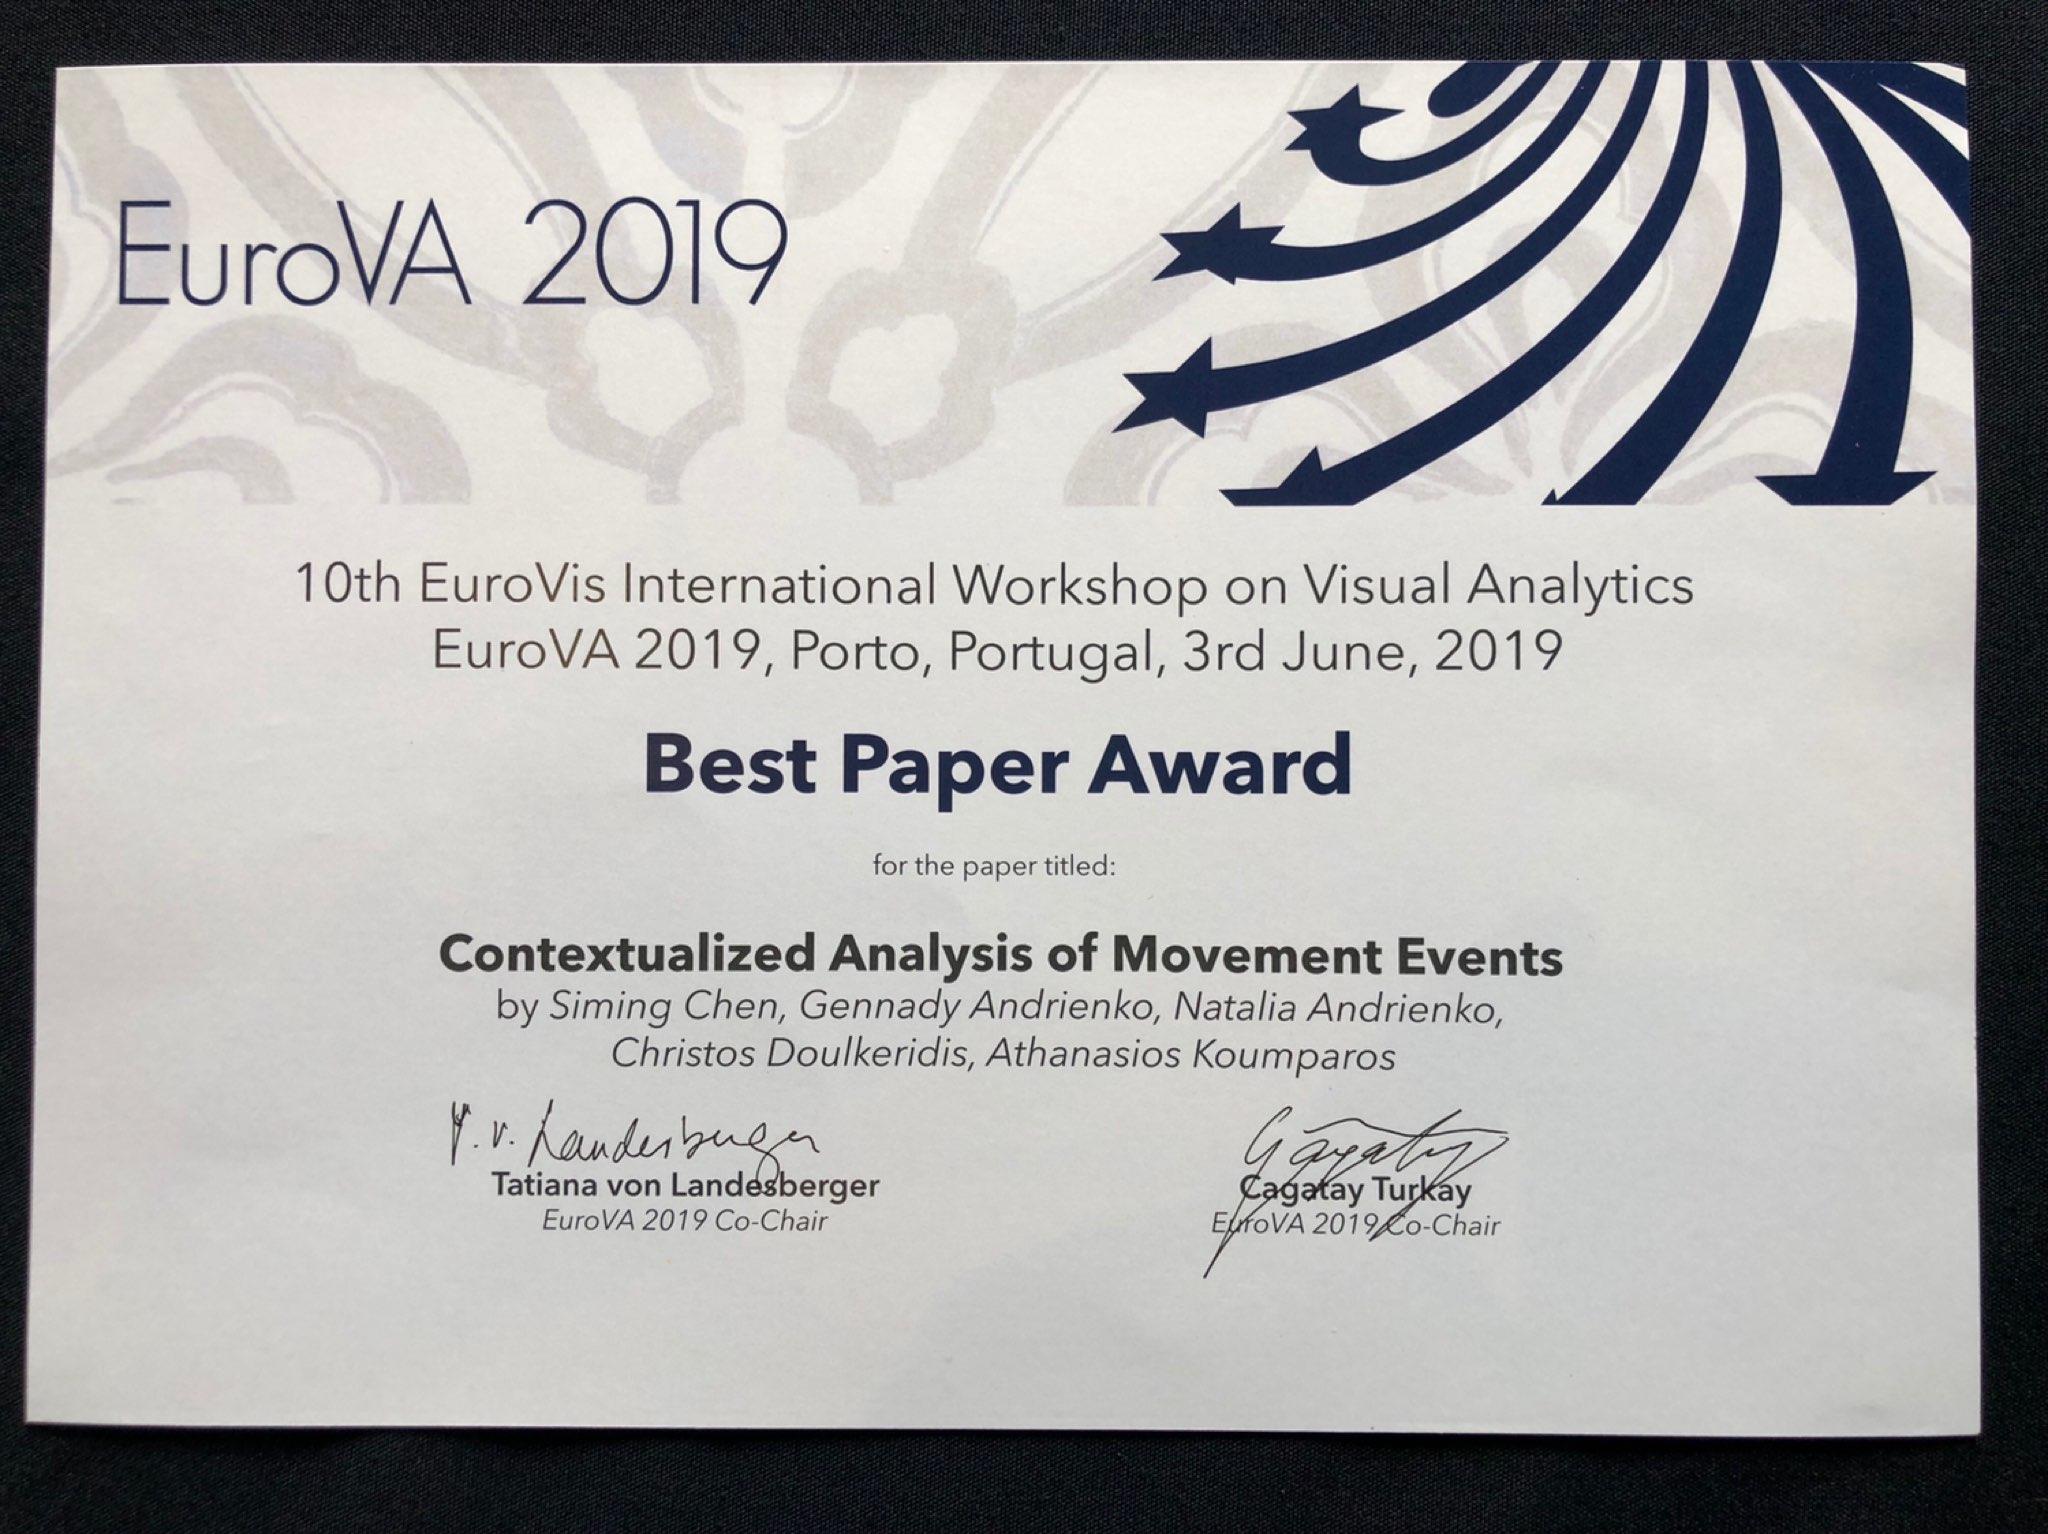 EUROVA 2019 Best Paper Award 2019